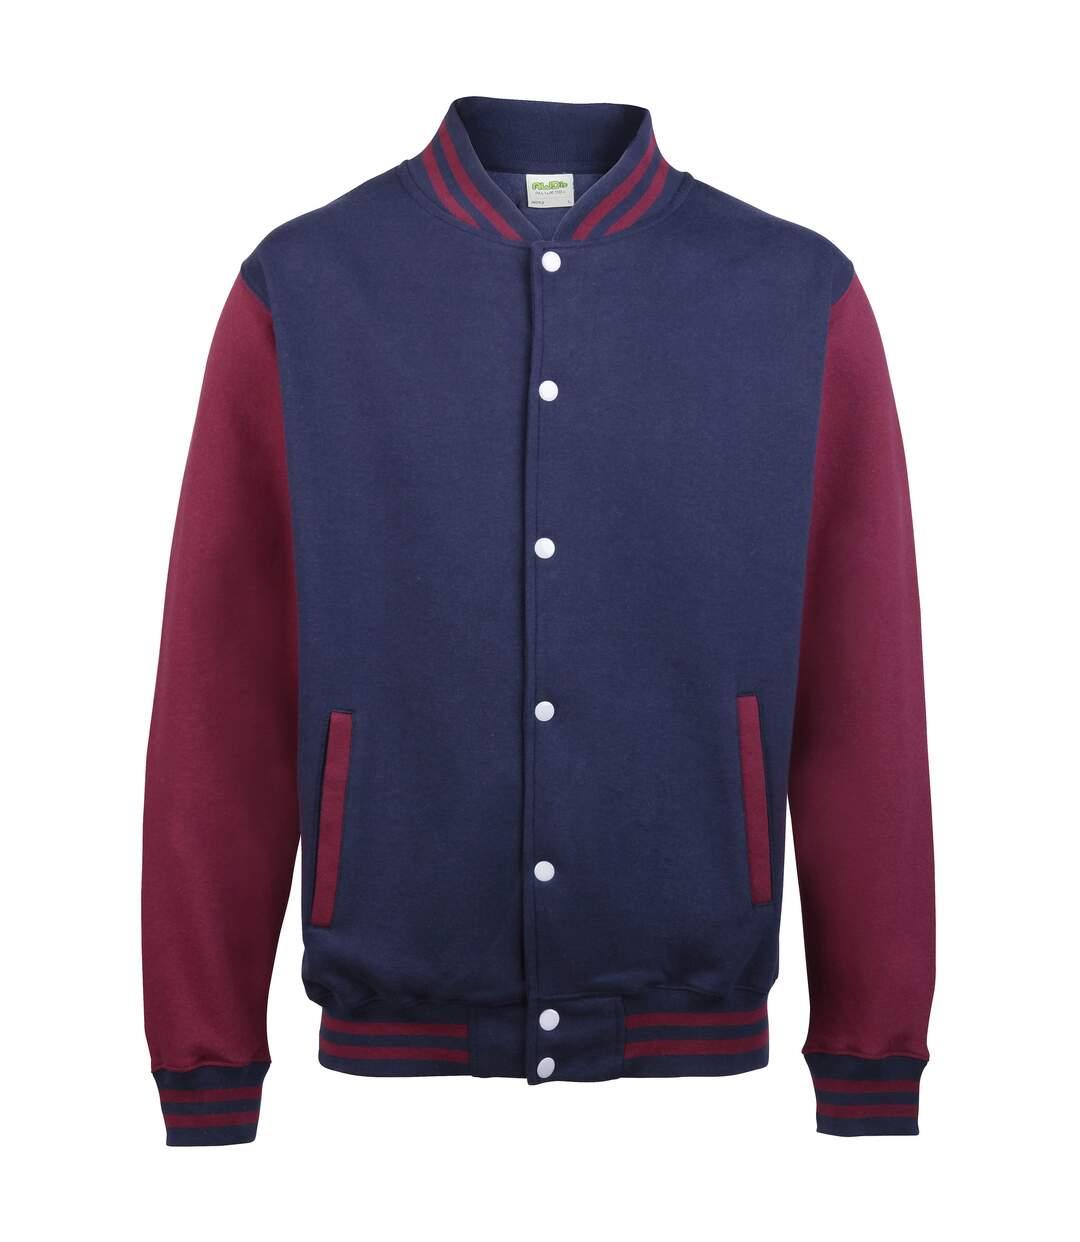 Awdis Unisex Varsity Jacket (Jet Black/ Fire Red) - UTRW175